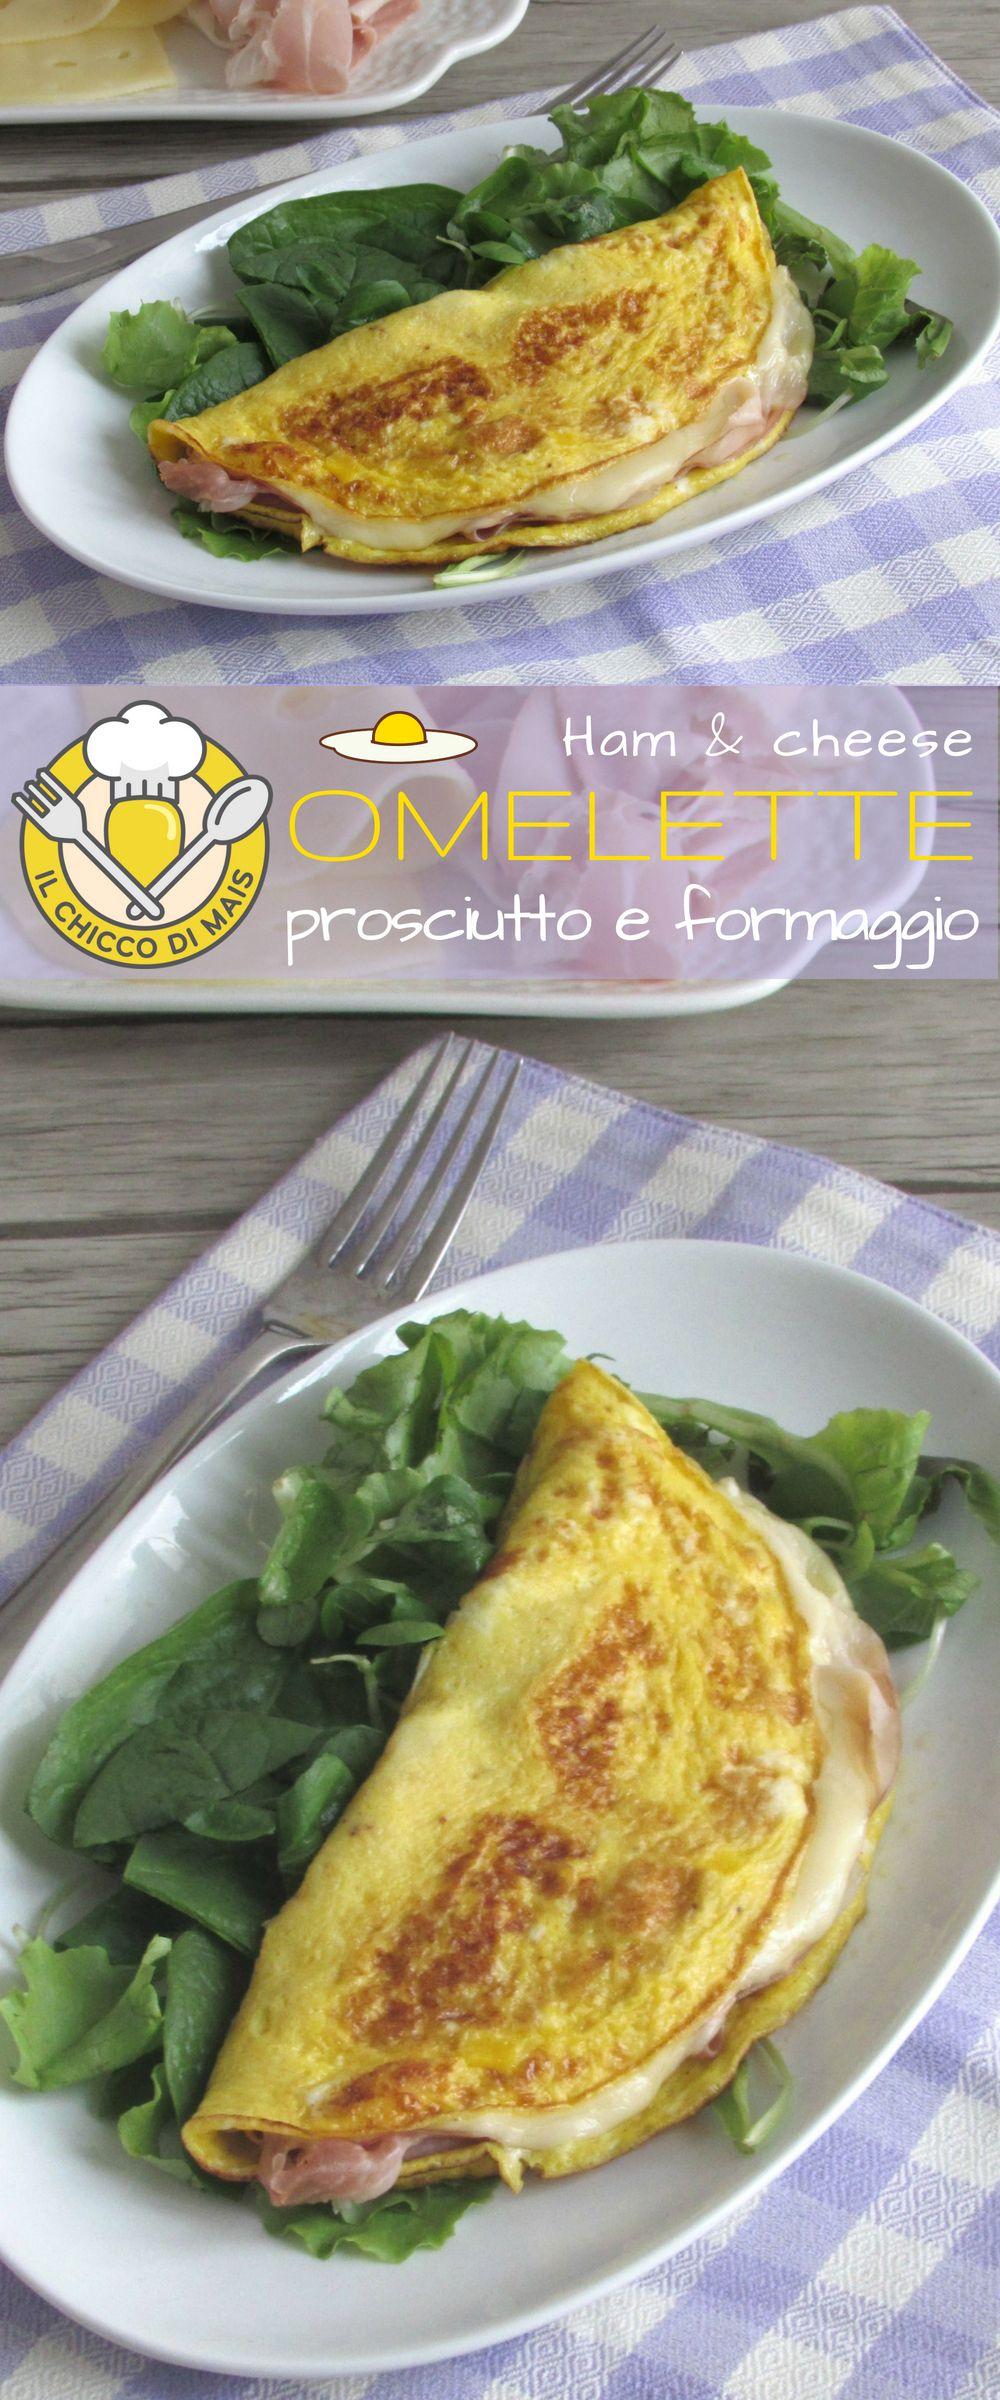 Omelette con prosciutto e formaggio filante secondo